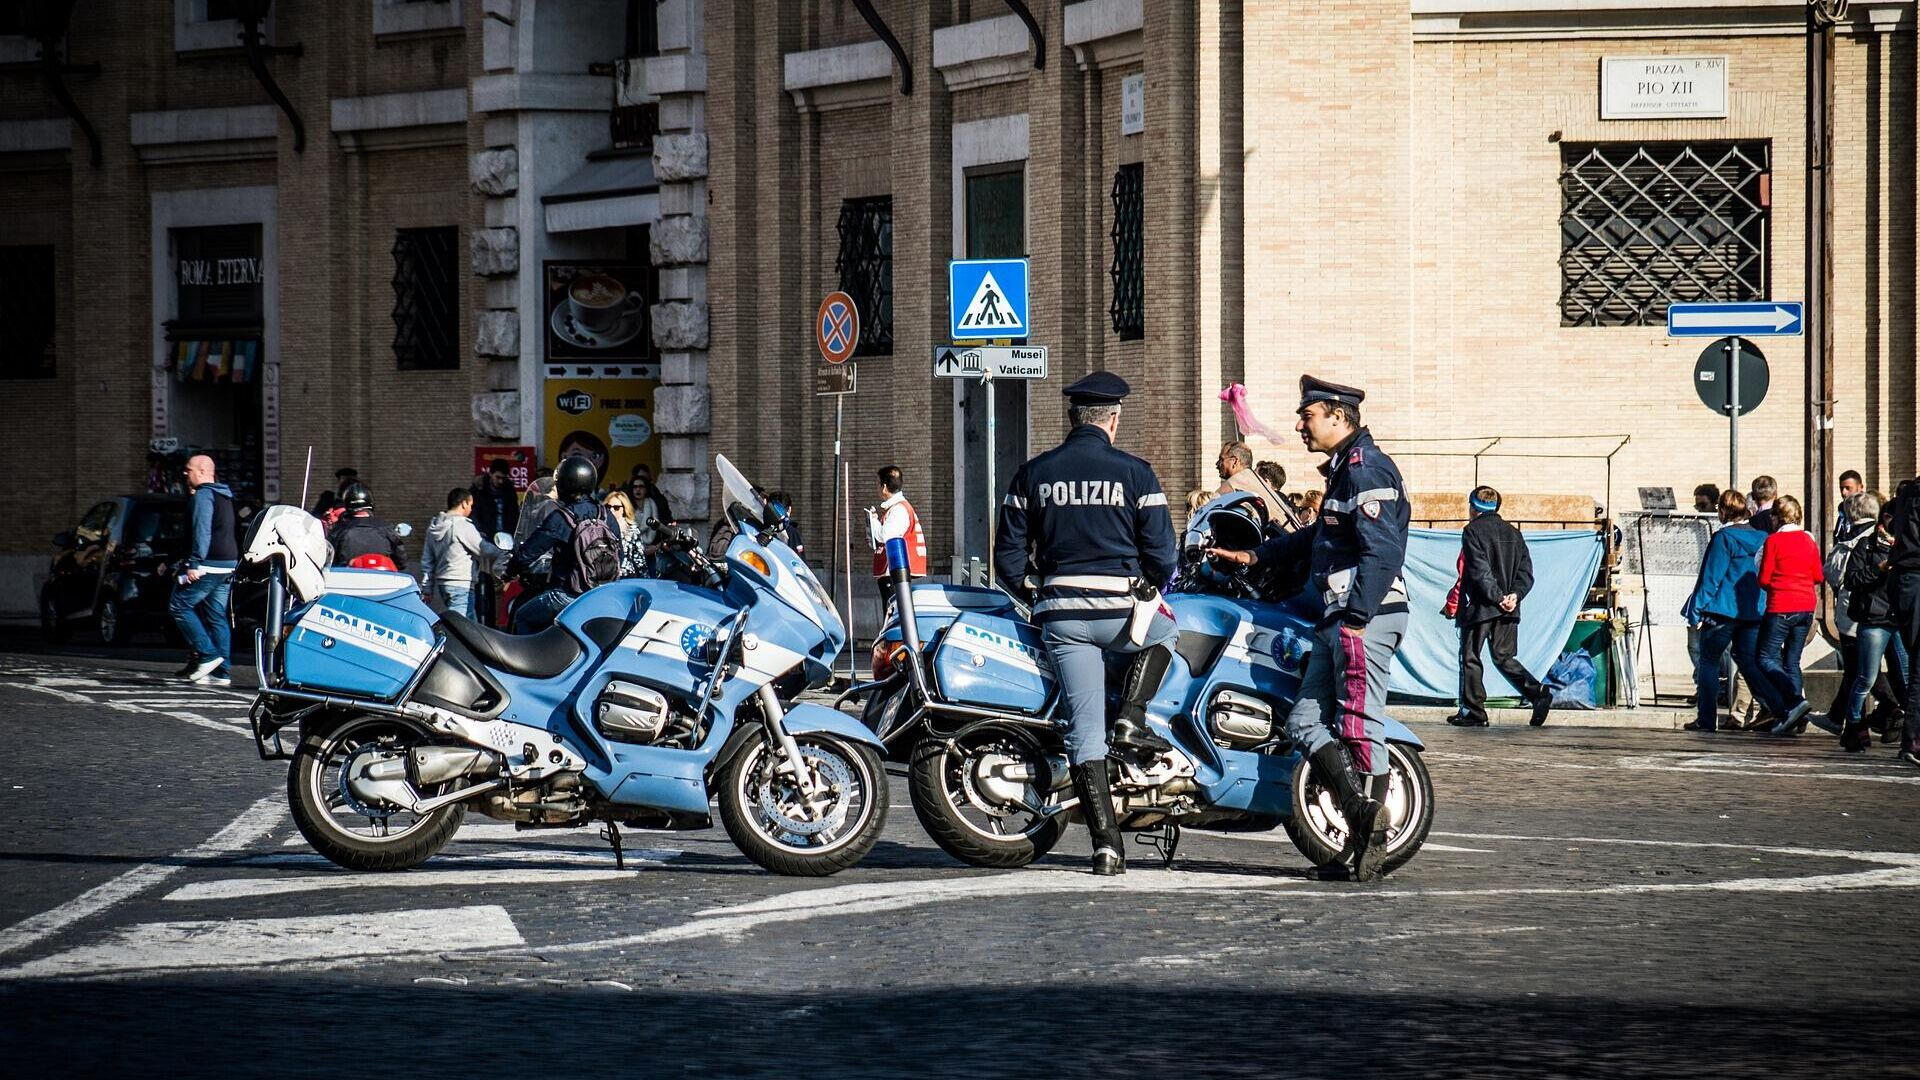 Italienische Polizisten im Einsatz (Symbolbild) - SNA, 1920, 05.07.2021